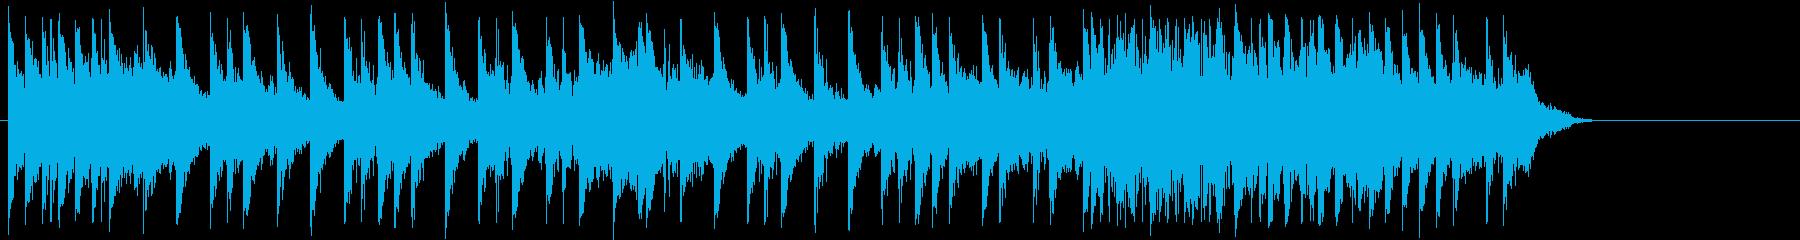 15秒の短いハードロック系ドラムソロの再生済みの波形